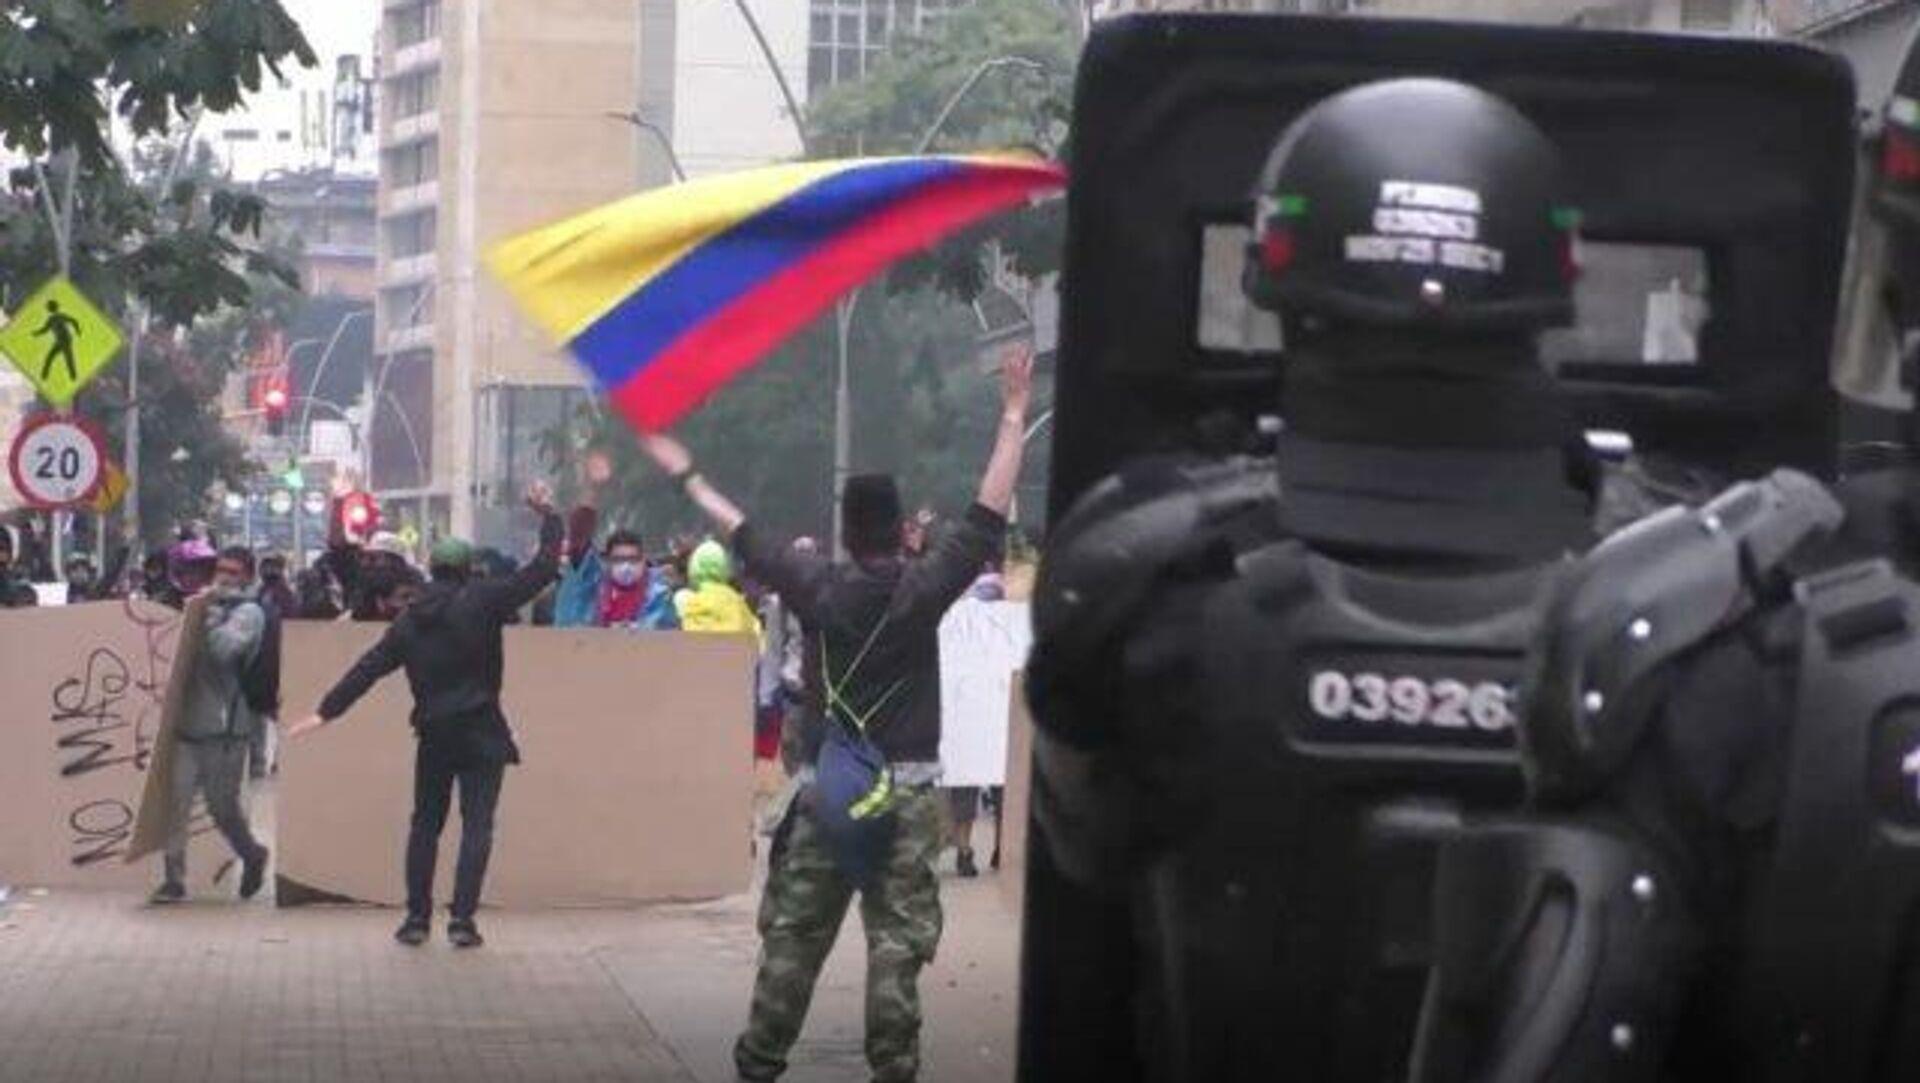 La reforma tributaria sume a Colombia en protestas en medio de gases, policías y militares - Sputnik Mundo, 1920, 02.05.2021